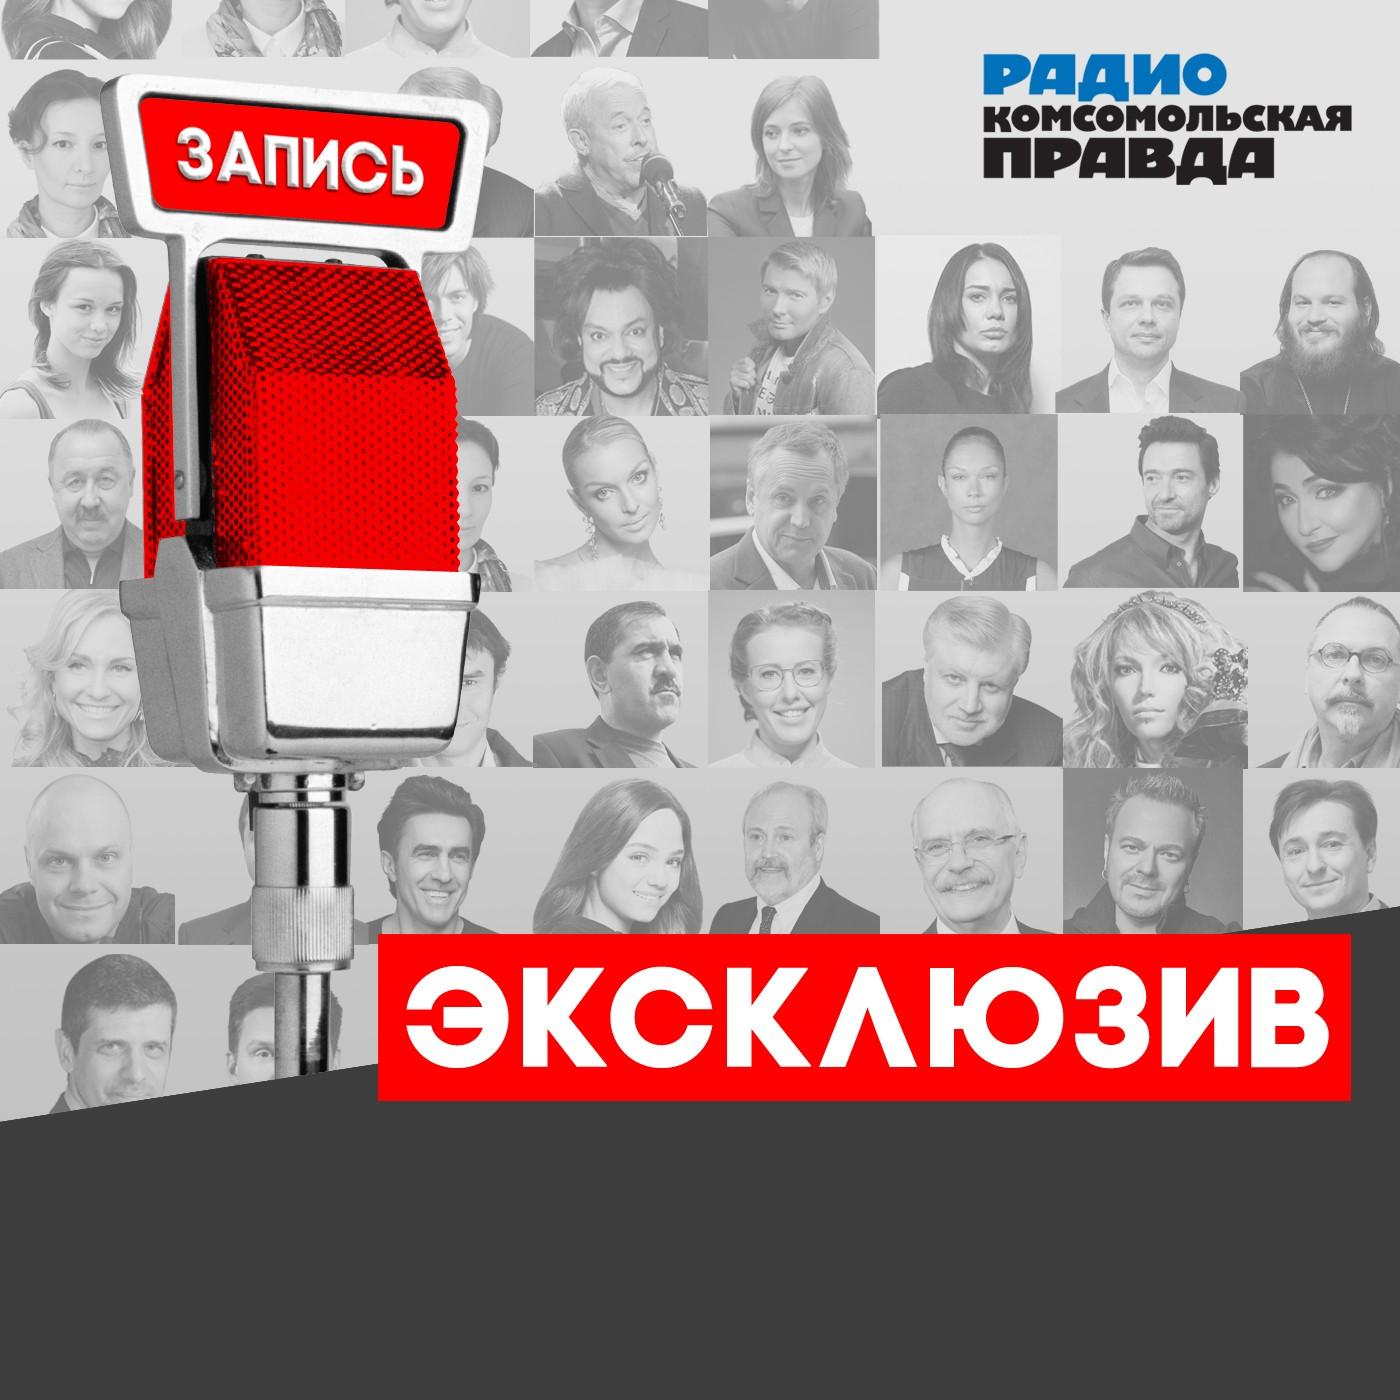 Радио «Комсомольская правда» / Интервью с Сергеем Безруковым